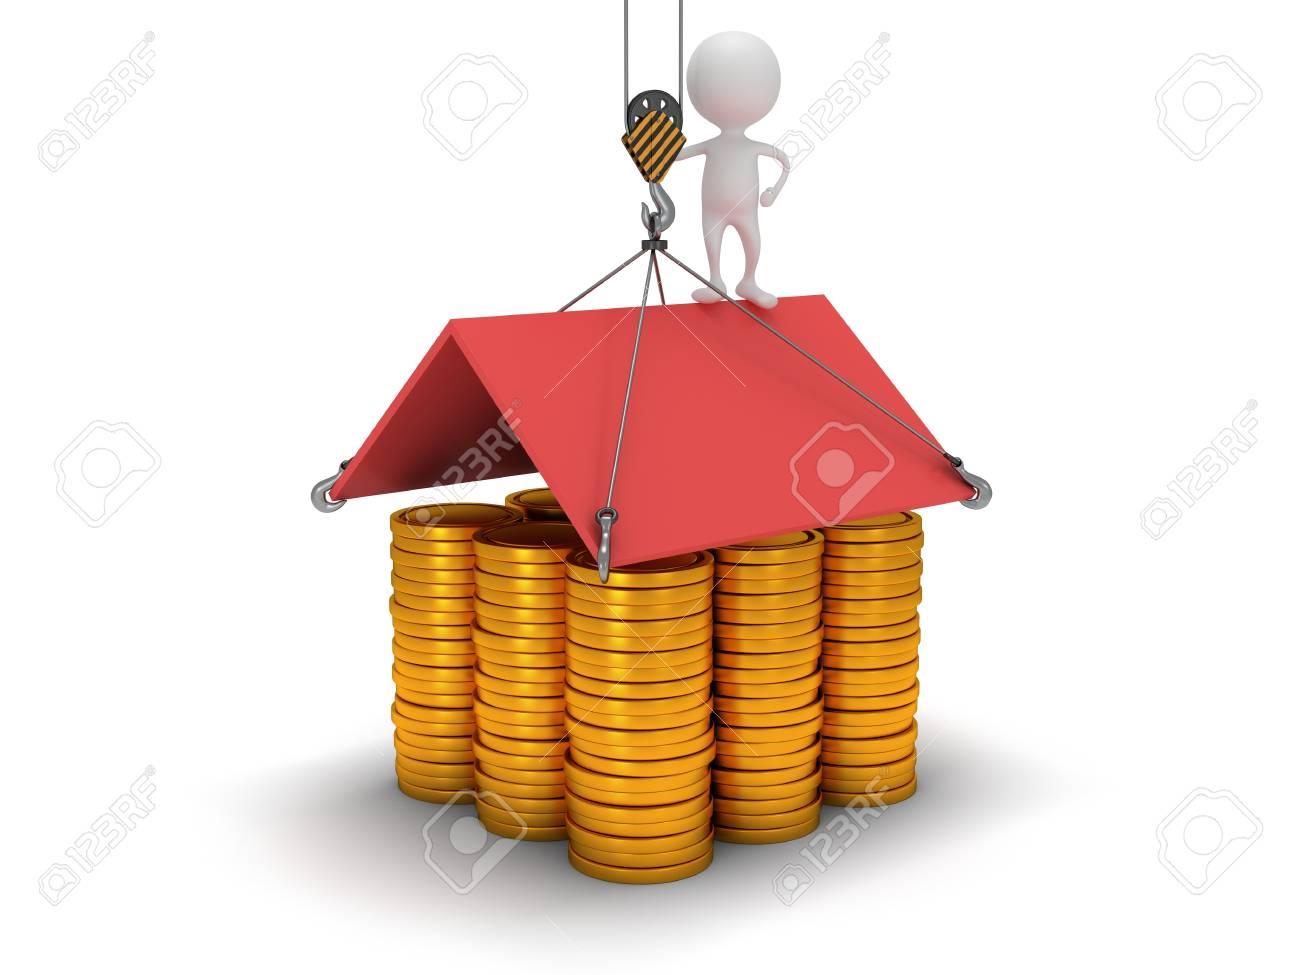 3d haus zu bauen mit goldmünzen. business, montage, immobilien